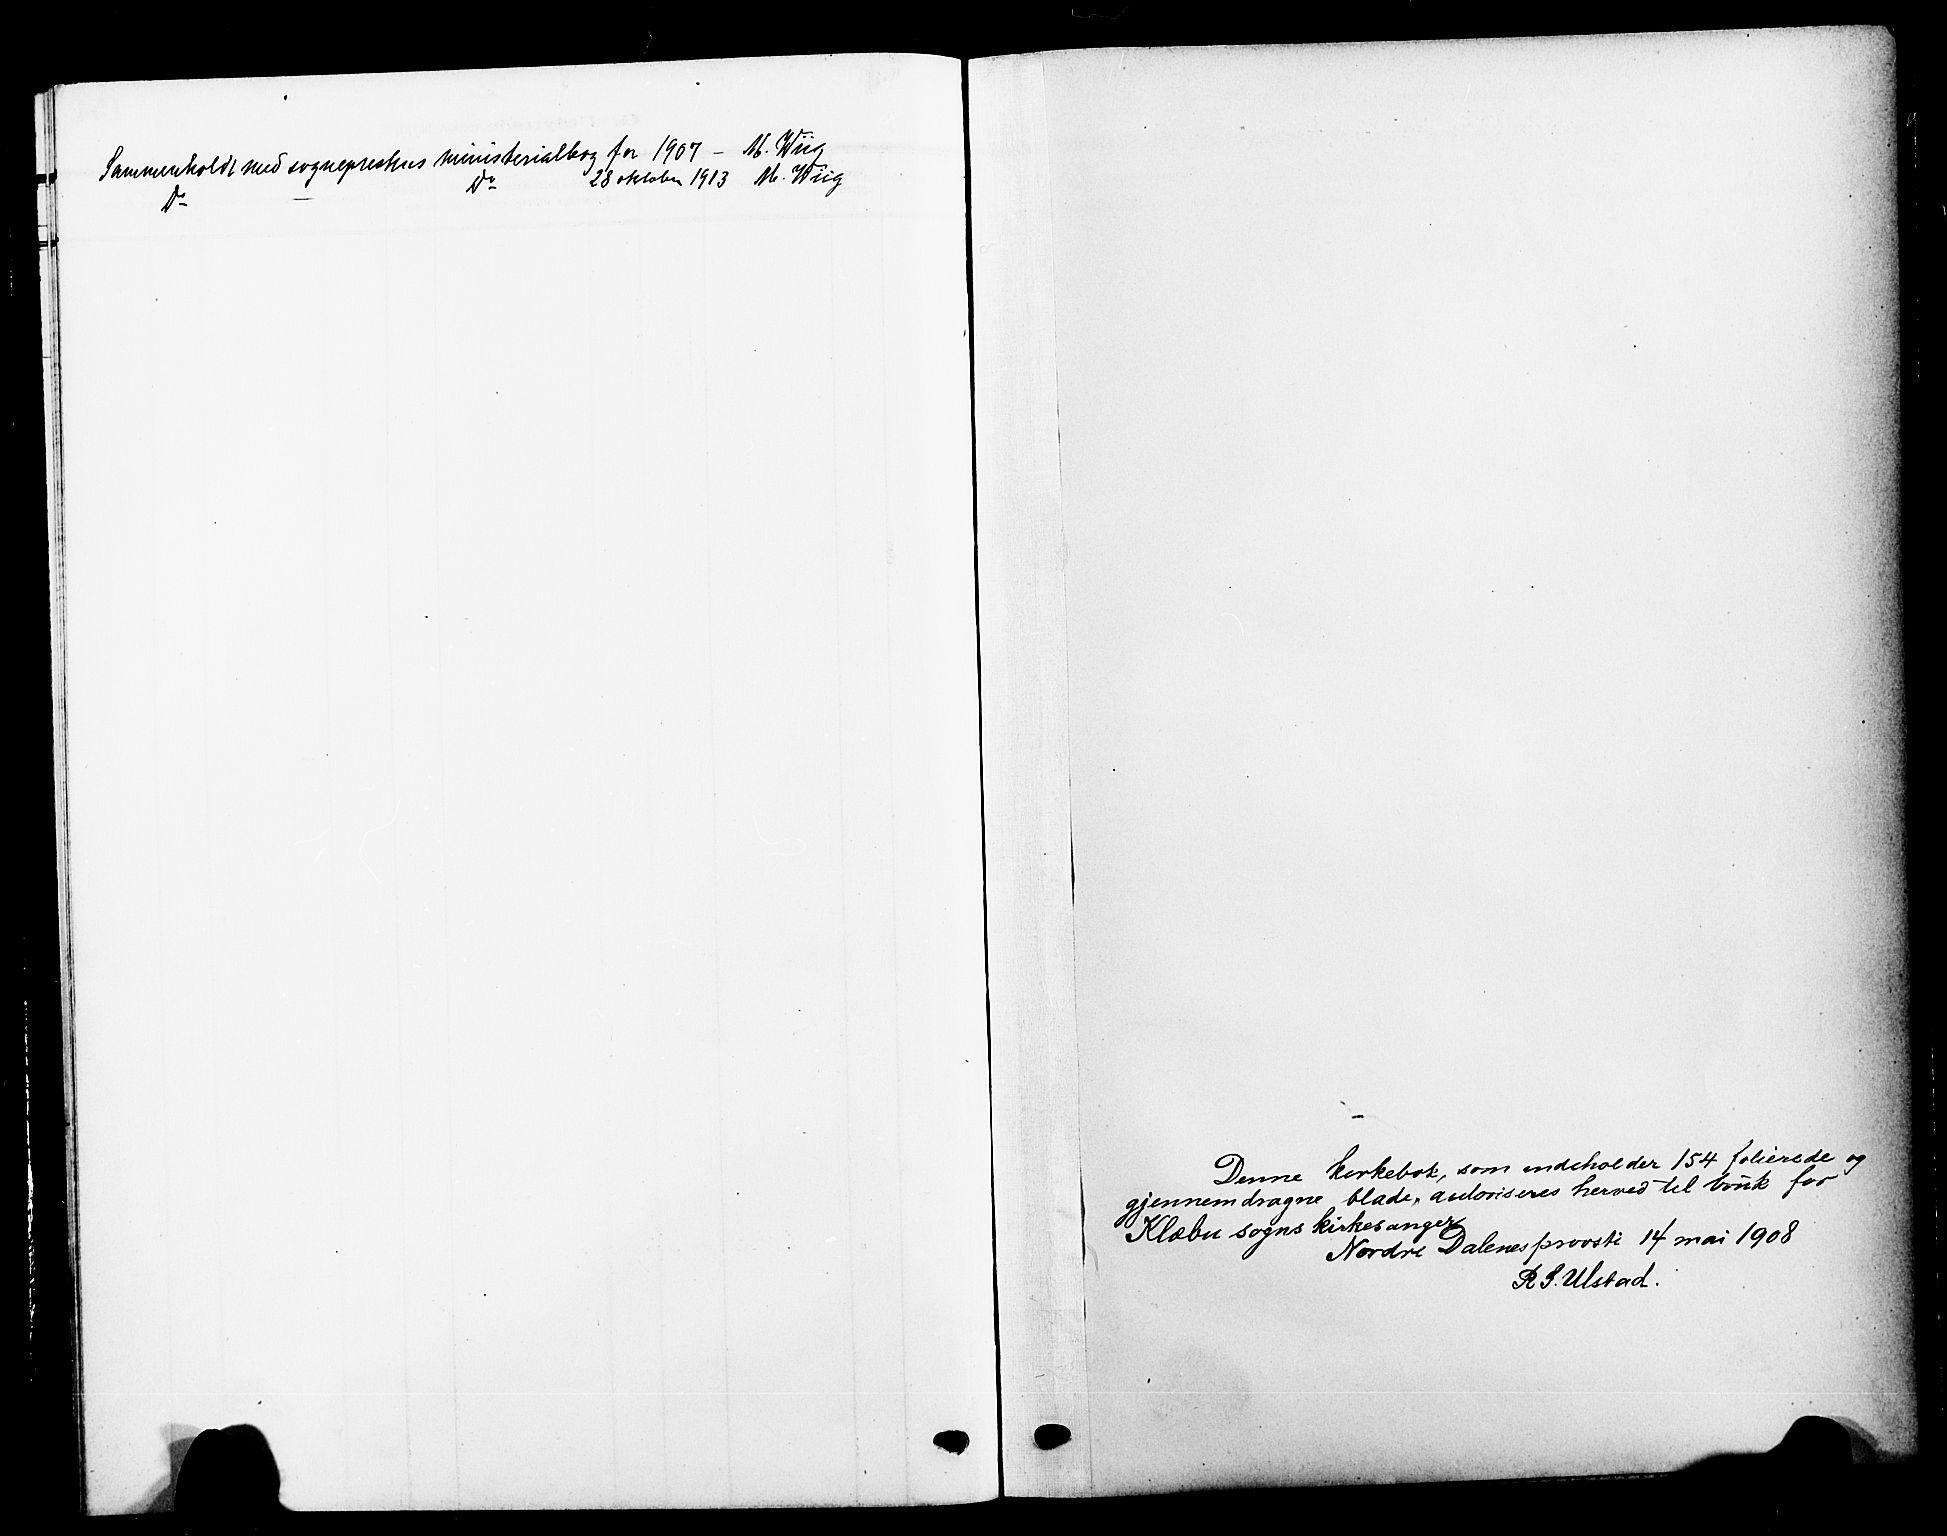 SAT, Ministerialprotokoller, klokkerbøker og fødselsregistre - Sør-Trøndelag, 618/L0453: Klokkerbok nr. 618C04, 1907-1925, s. 149